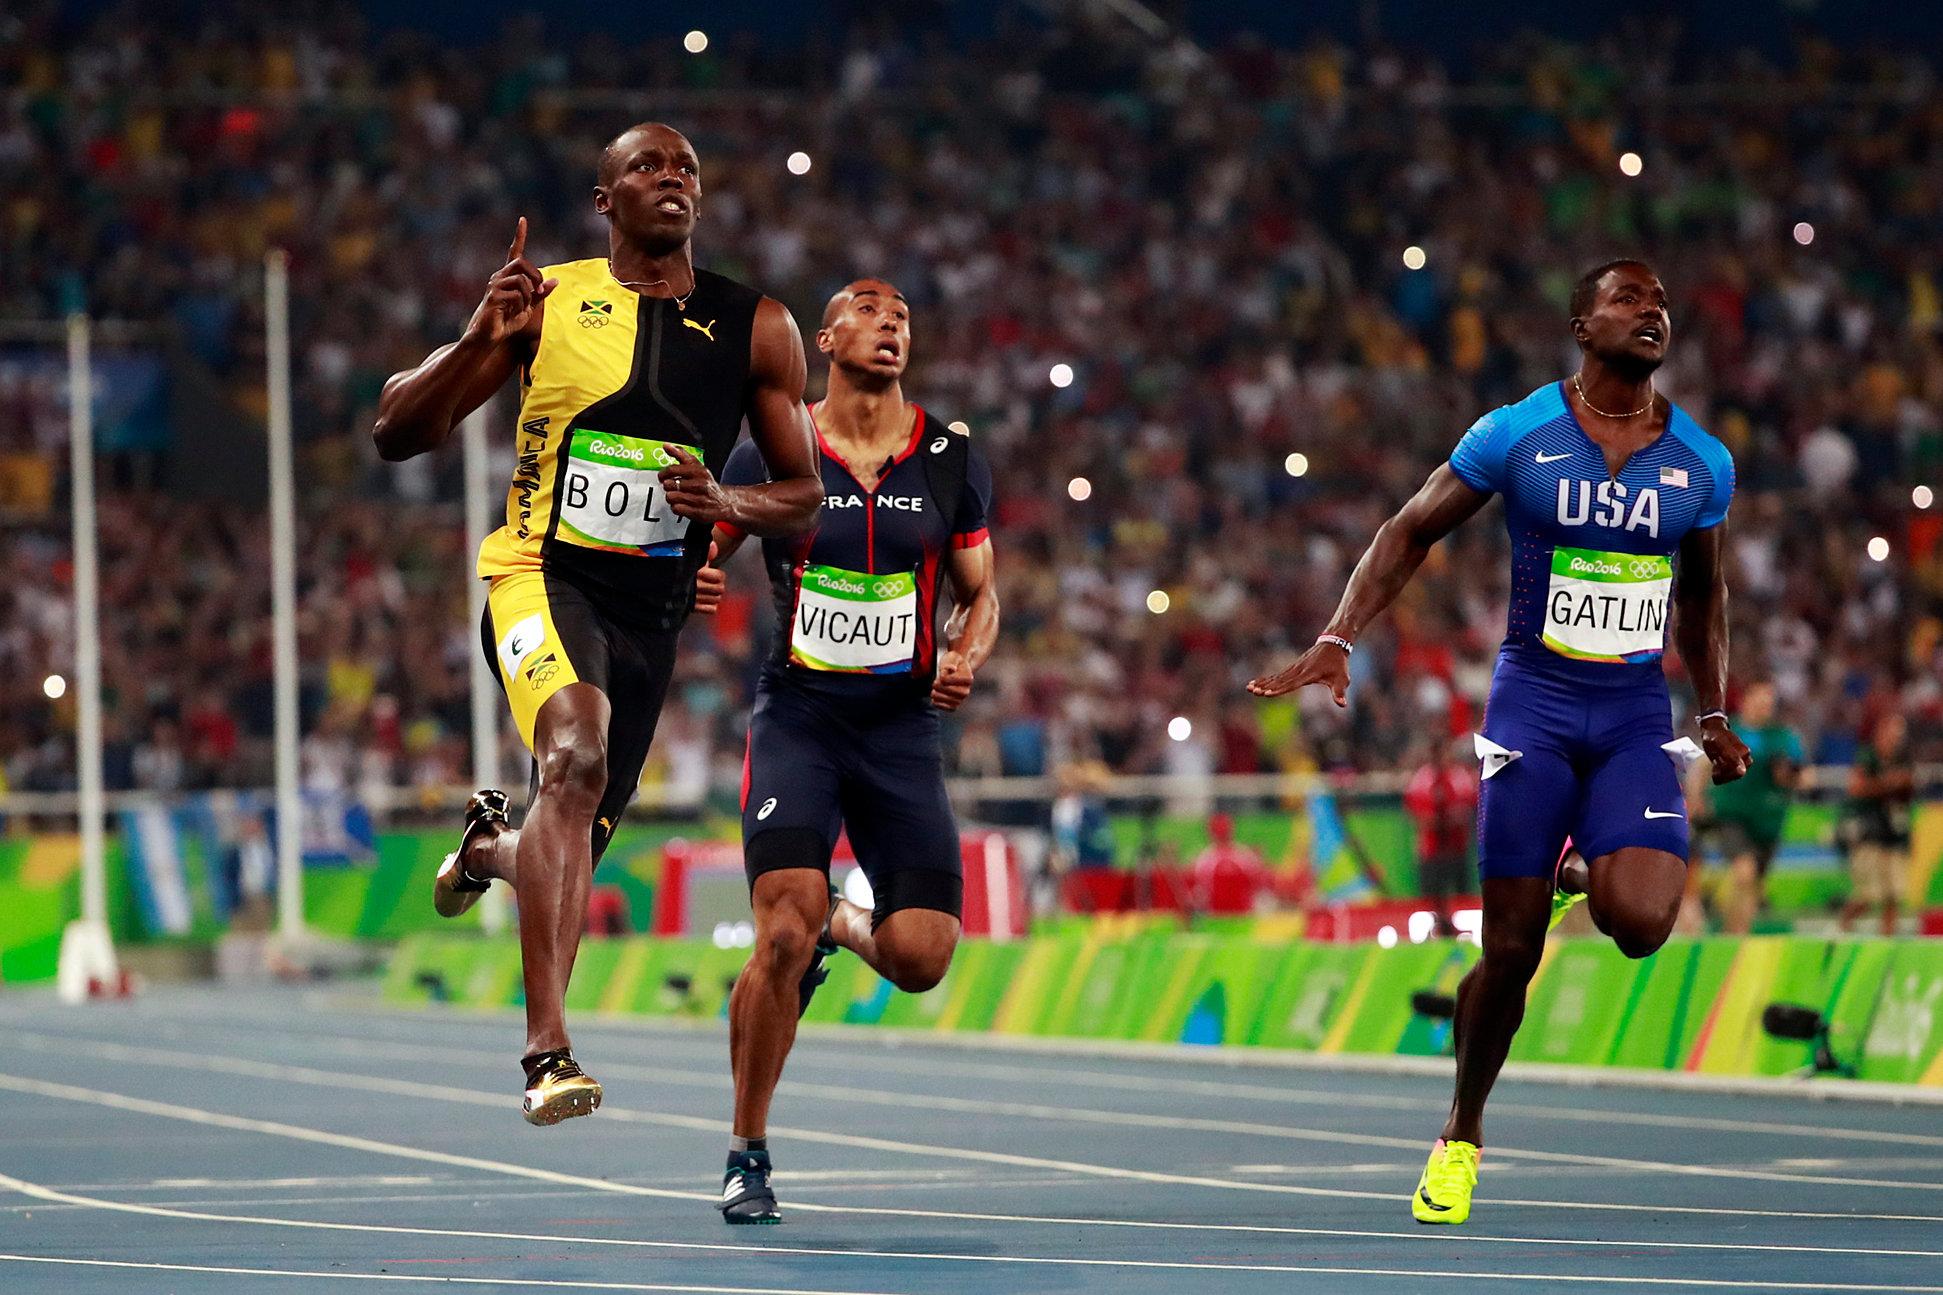 विश्व एथलेटिक्स : करियर की अंतिम 100 मीटर रेस में तीसरे स्थान पर रहे बोल्ट 9